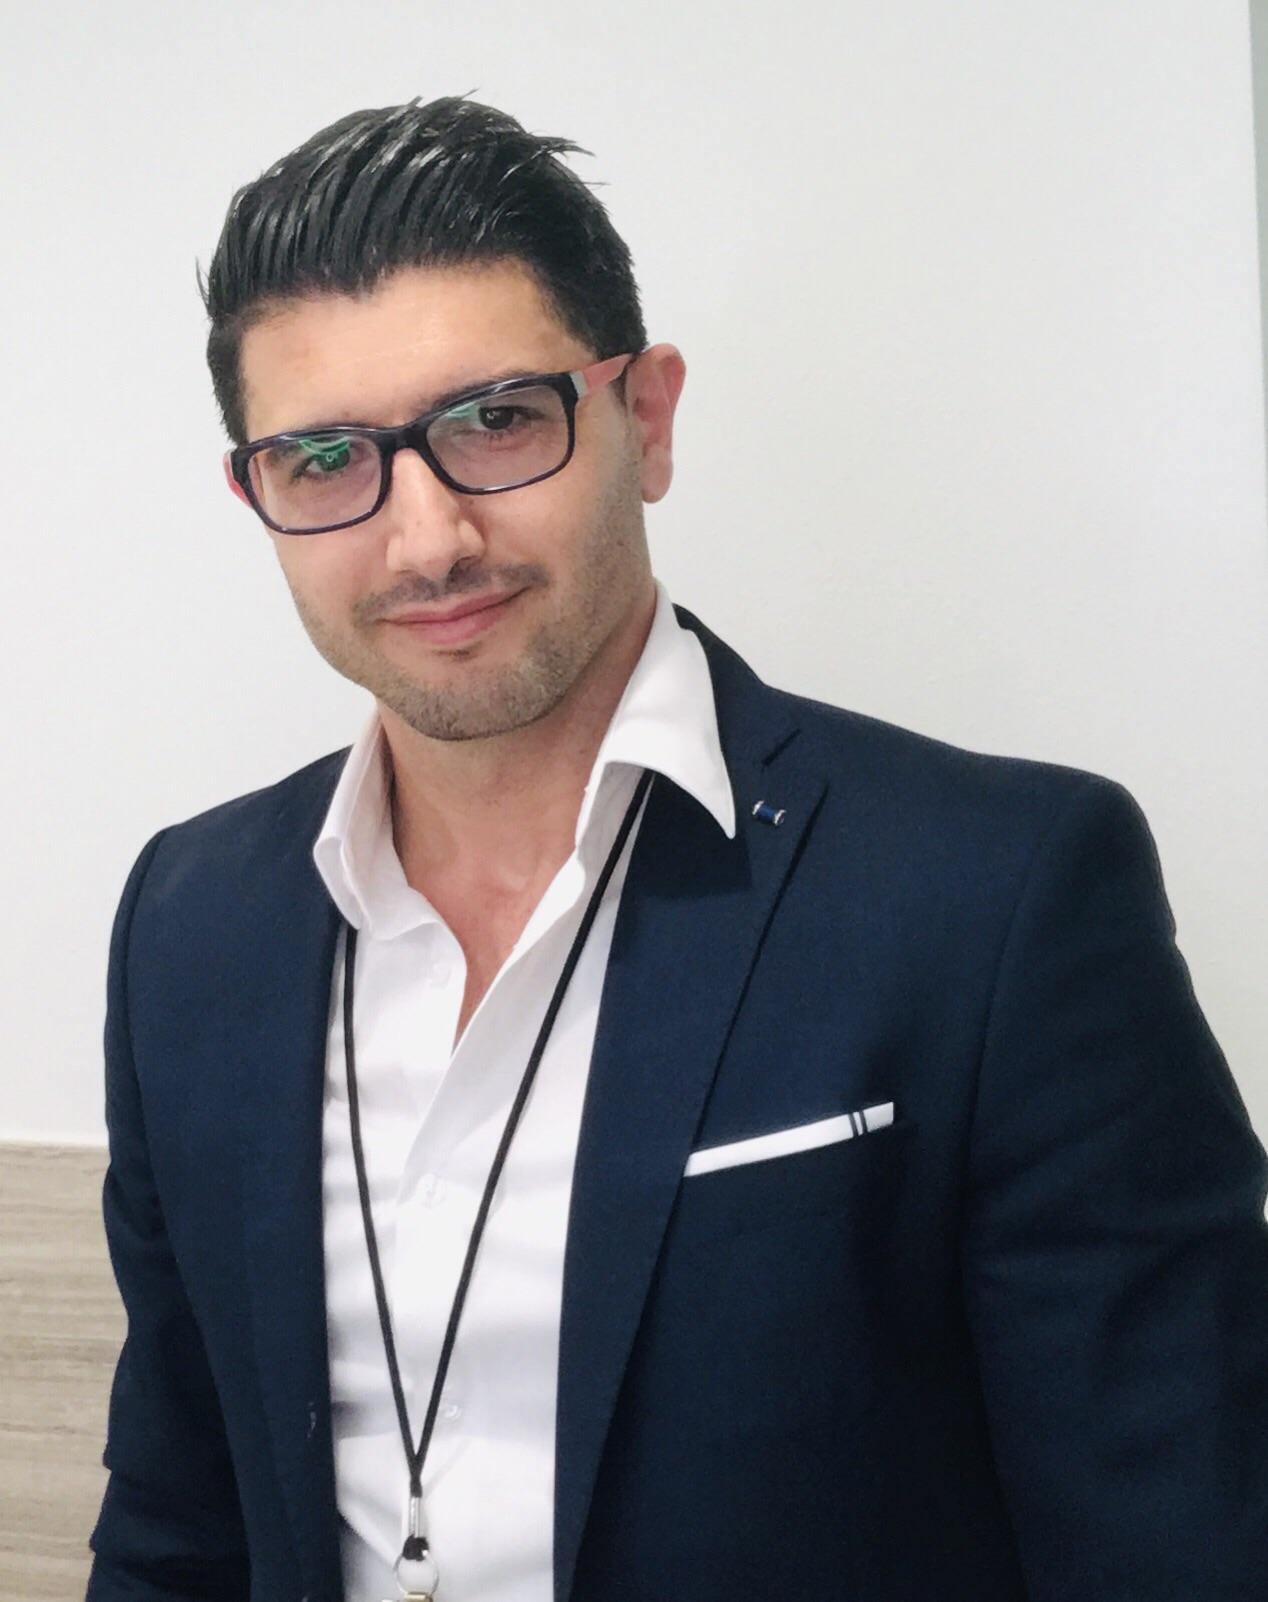 """ד""""ר מאדי אל חאג' מומחה בכירורגיה של היד, מומחה בכירורגיה אורתופדית"""